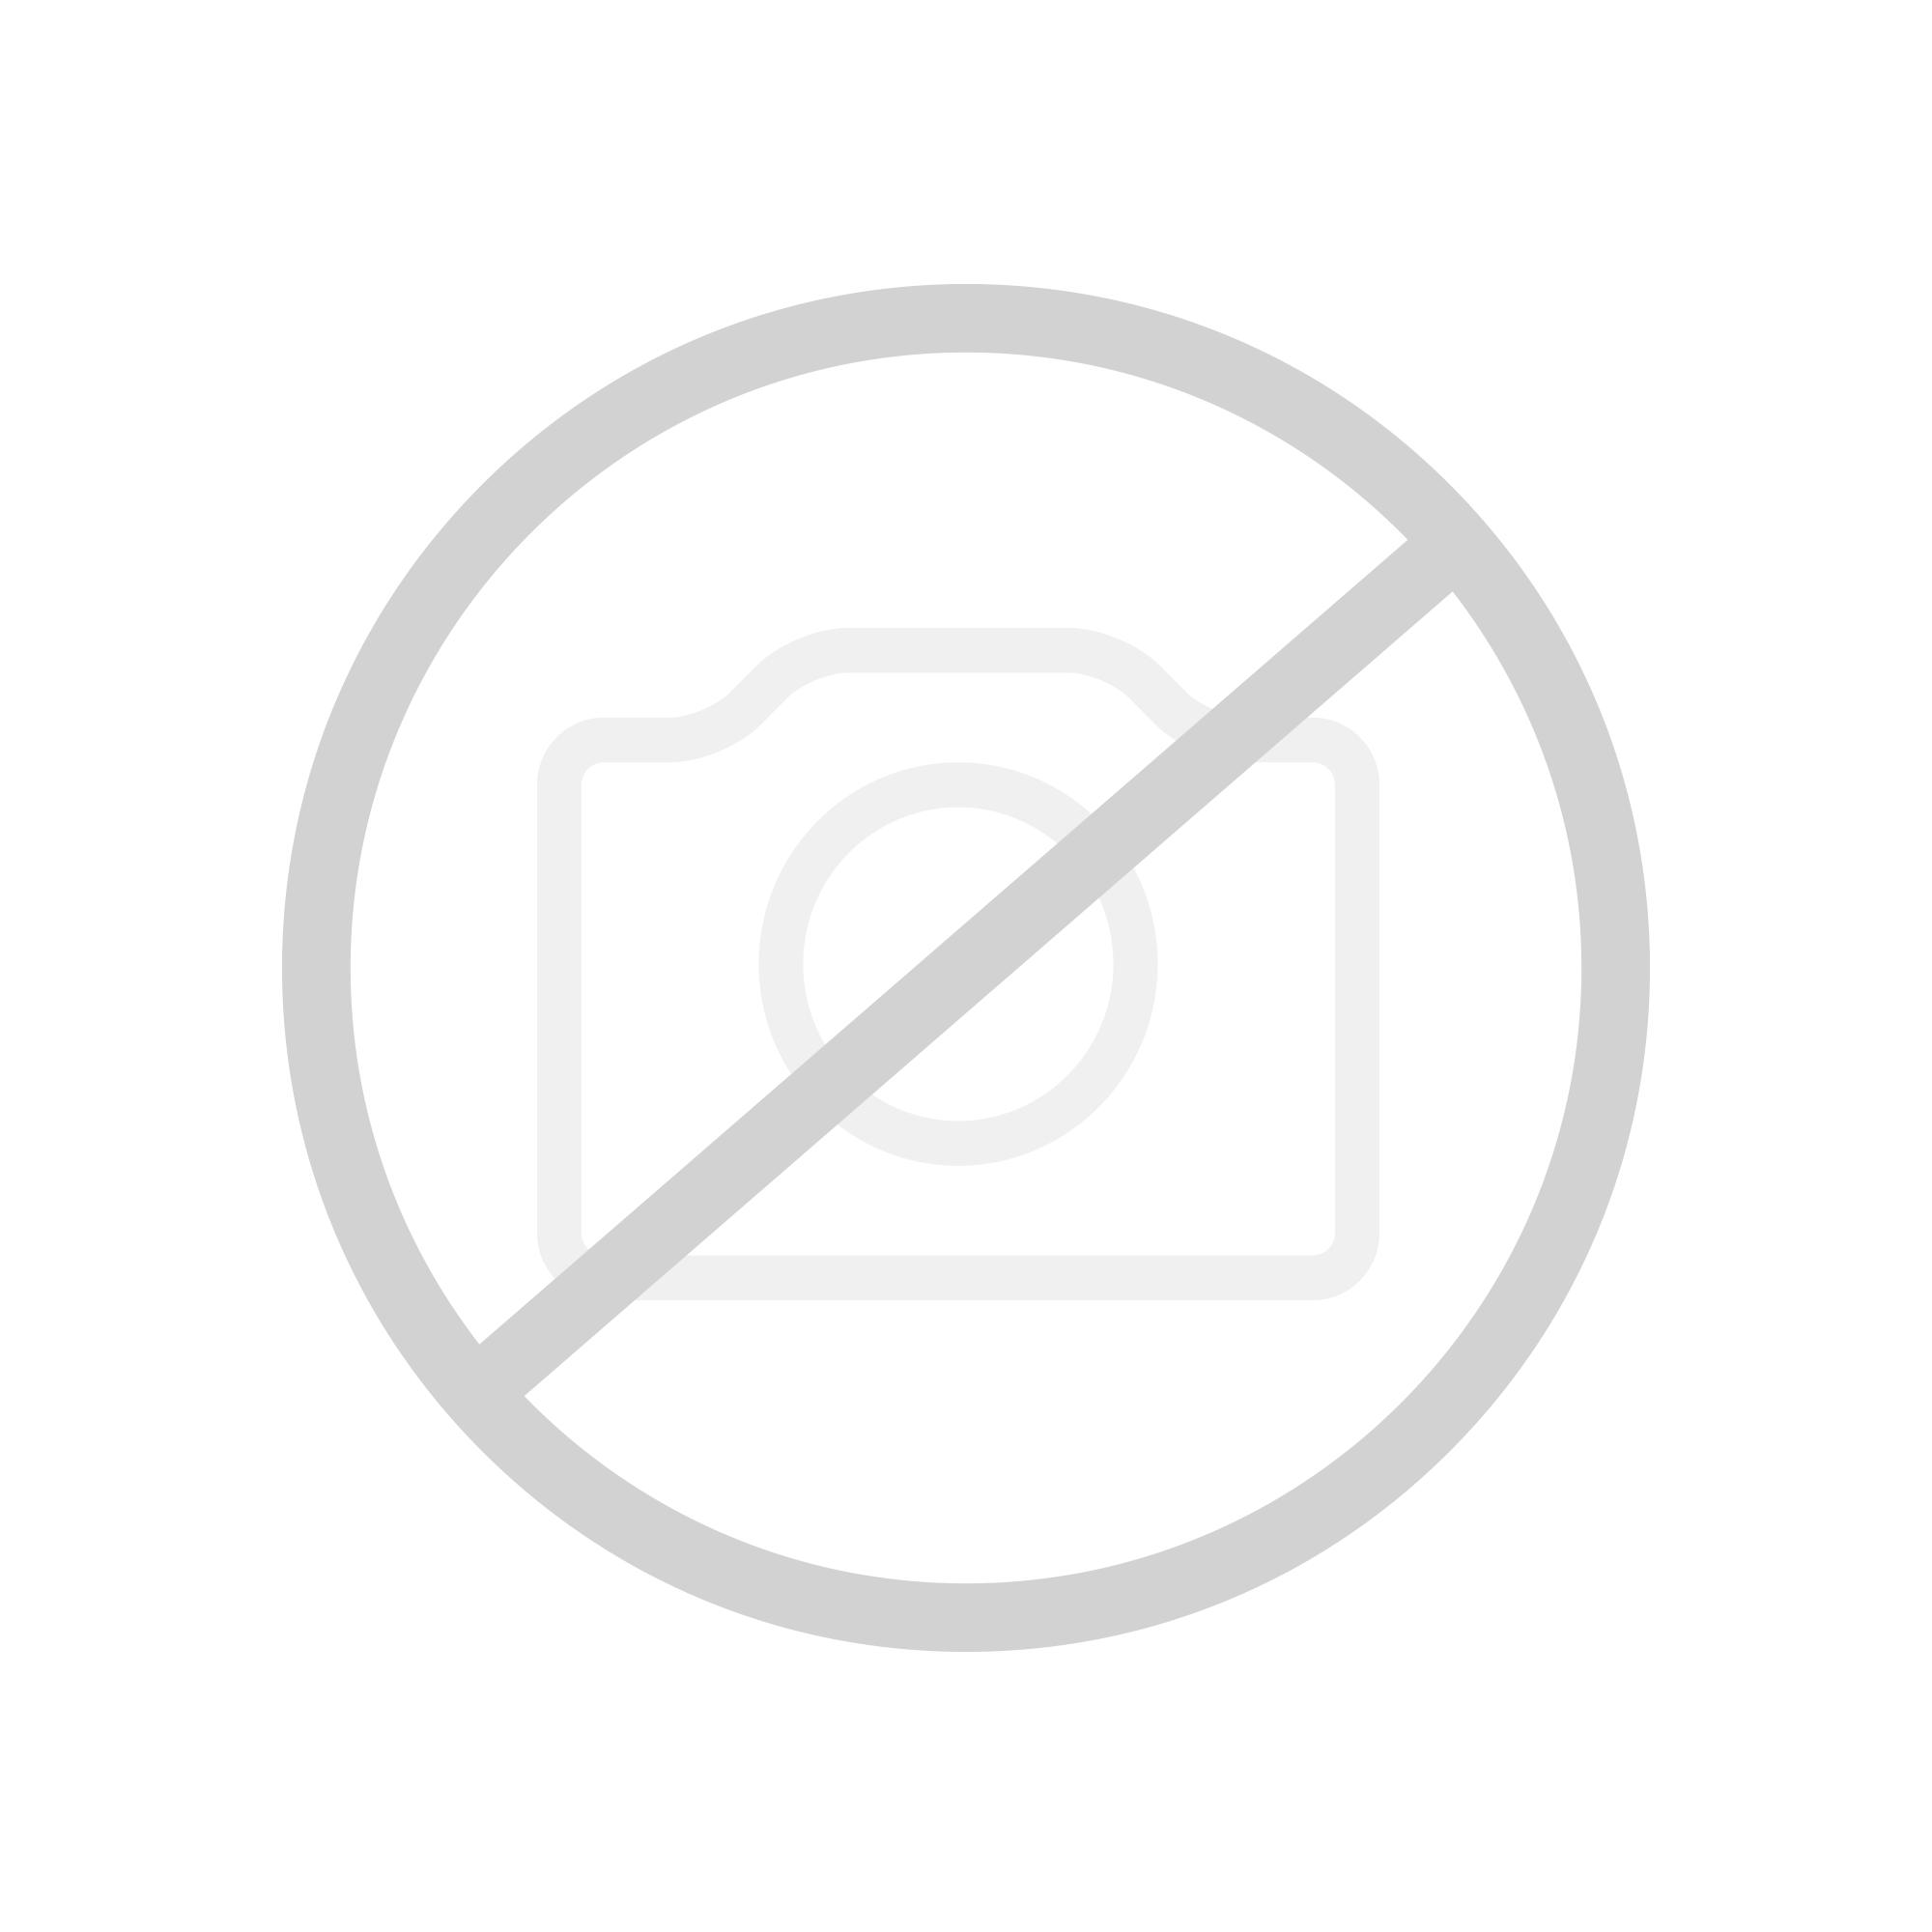 kaldewei novola novola star rechteck badewanne pergamon 241600010231 reuter onlineshop. Black Bedroom Furniture Sets. Home Design Ideas